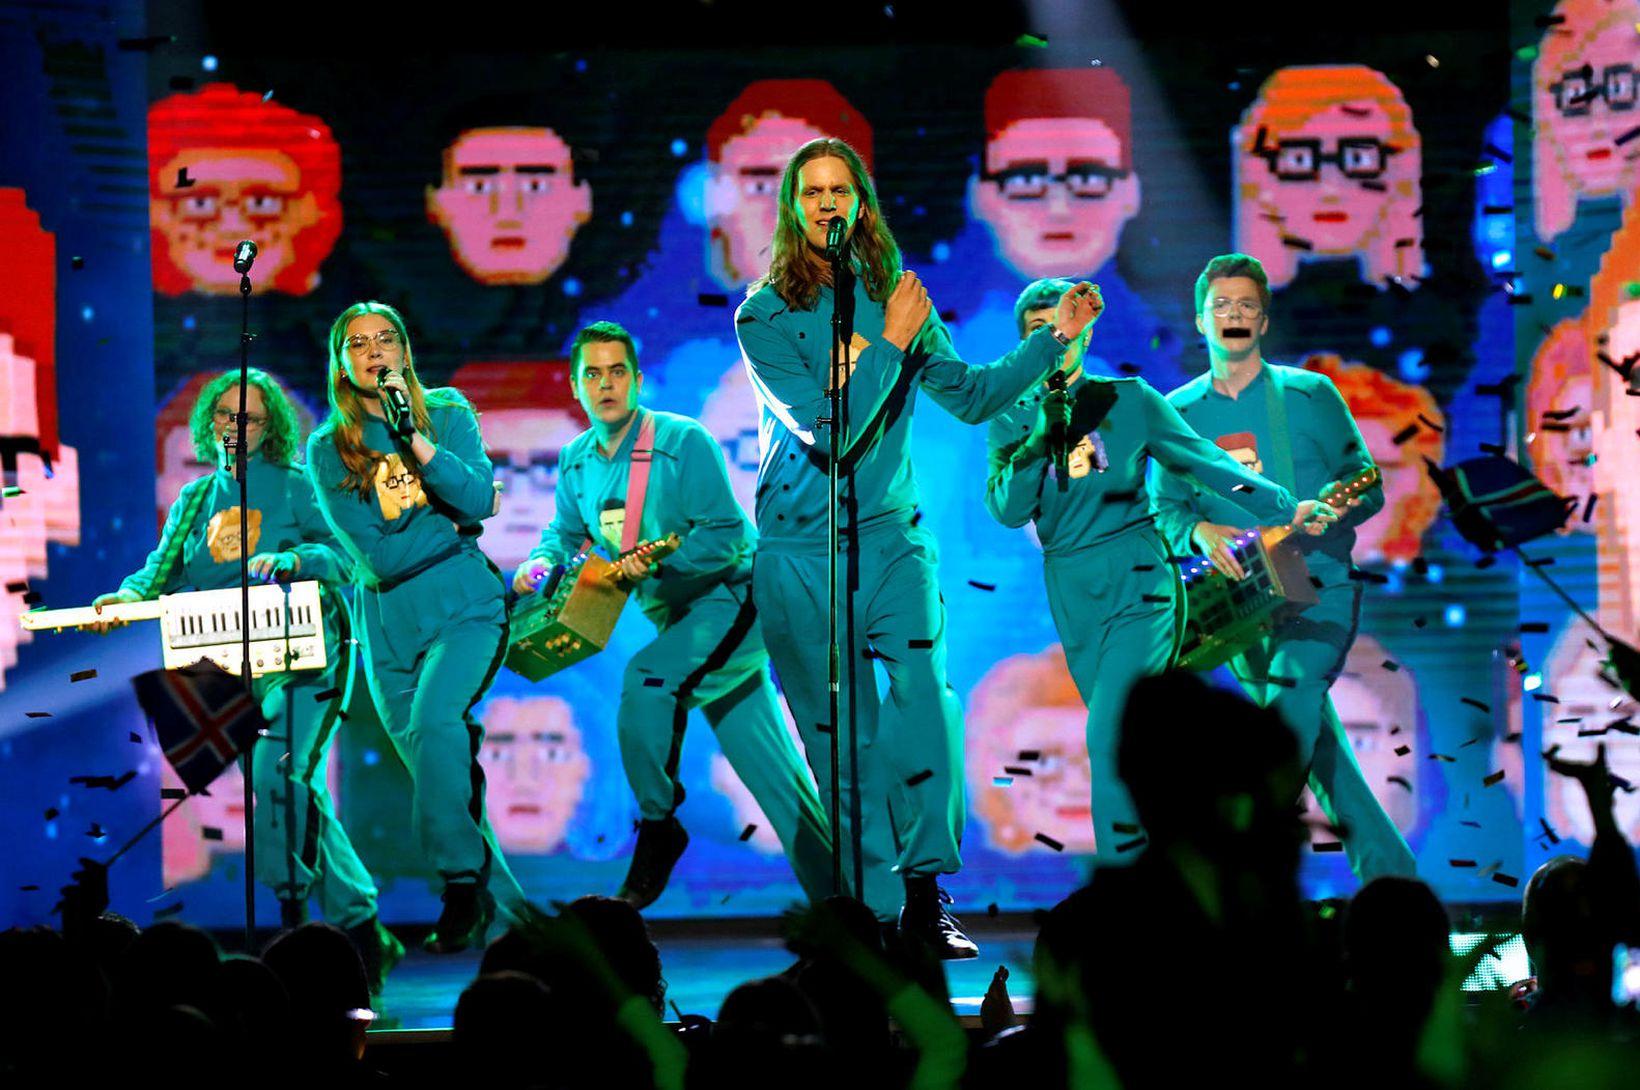 Sjáðu hvernig börn bregðast við Eurovision